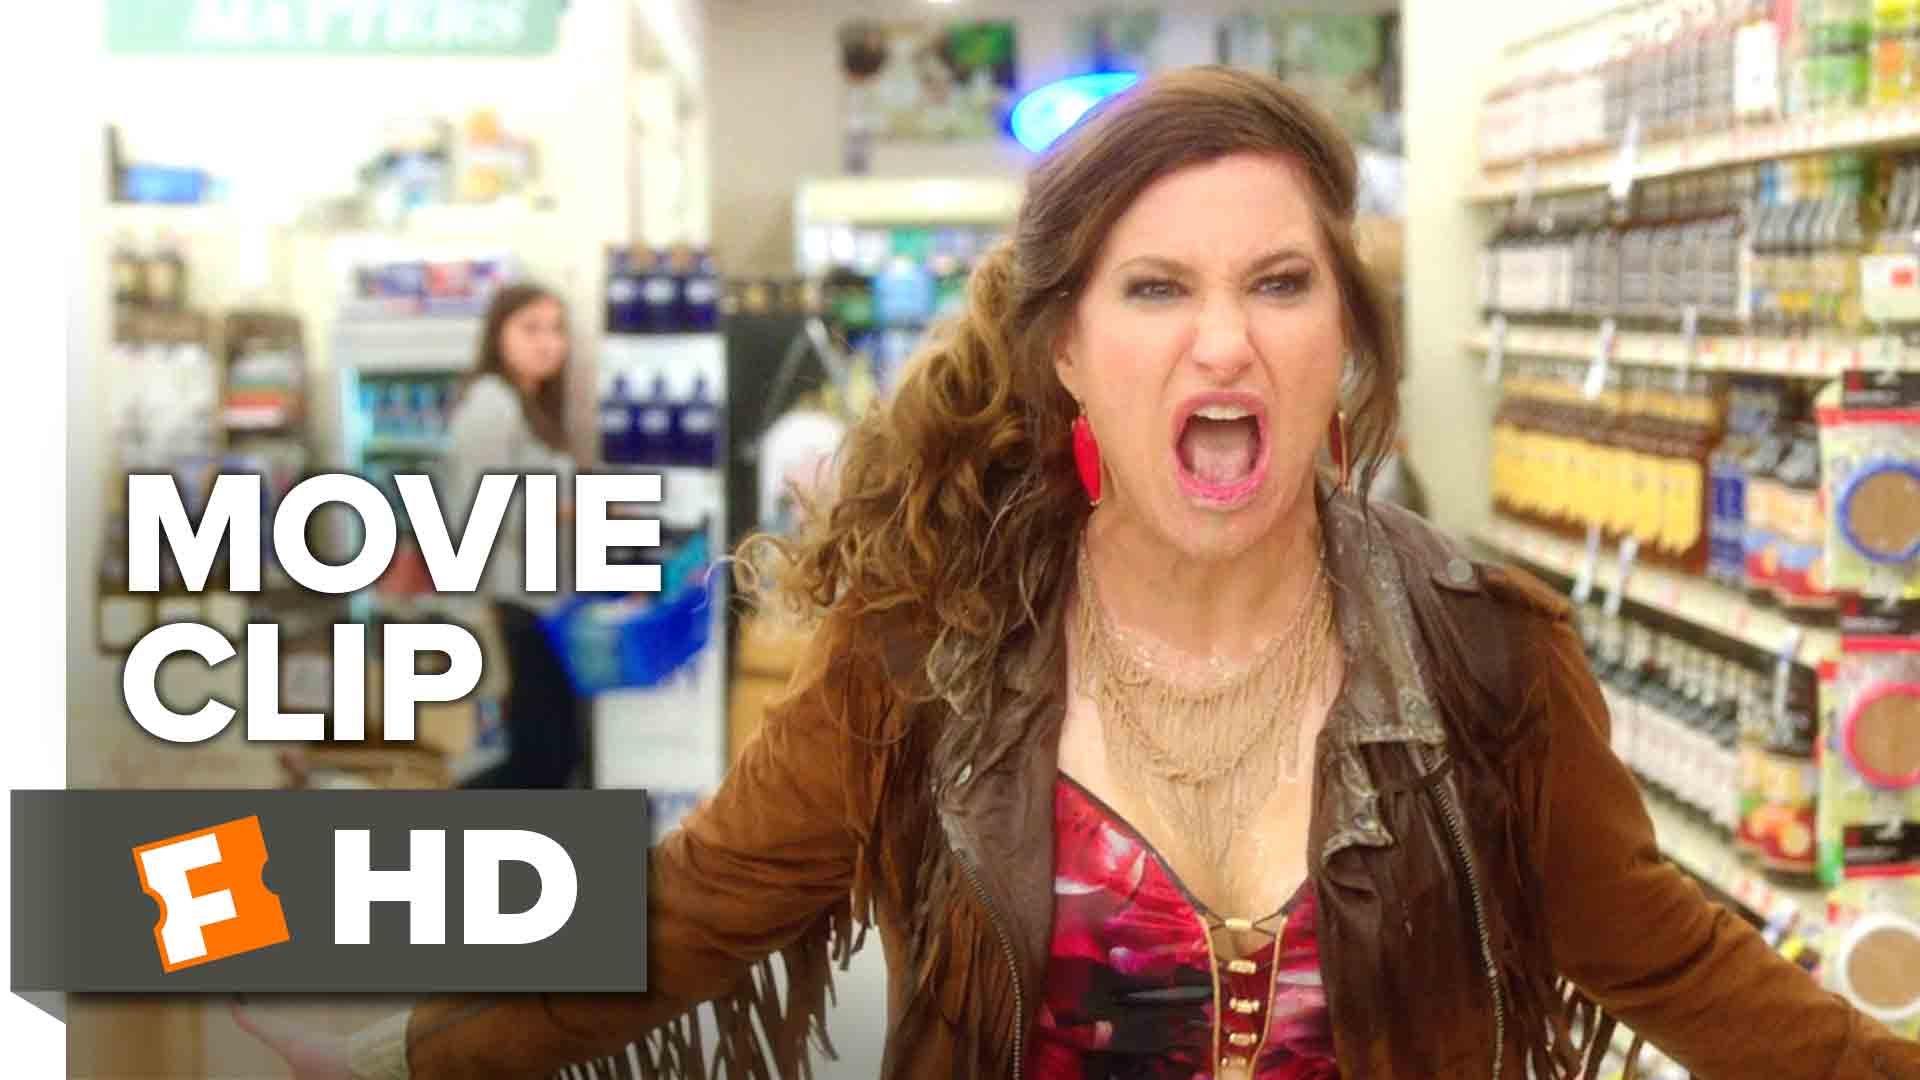 VIDEO: Komedija 'Zločeste mame' (Bad Moms) zaradila 100 milijuna dolara u SAD-u